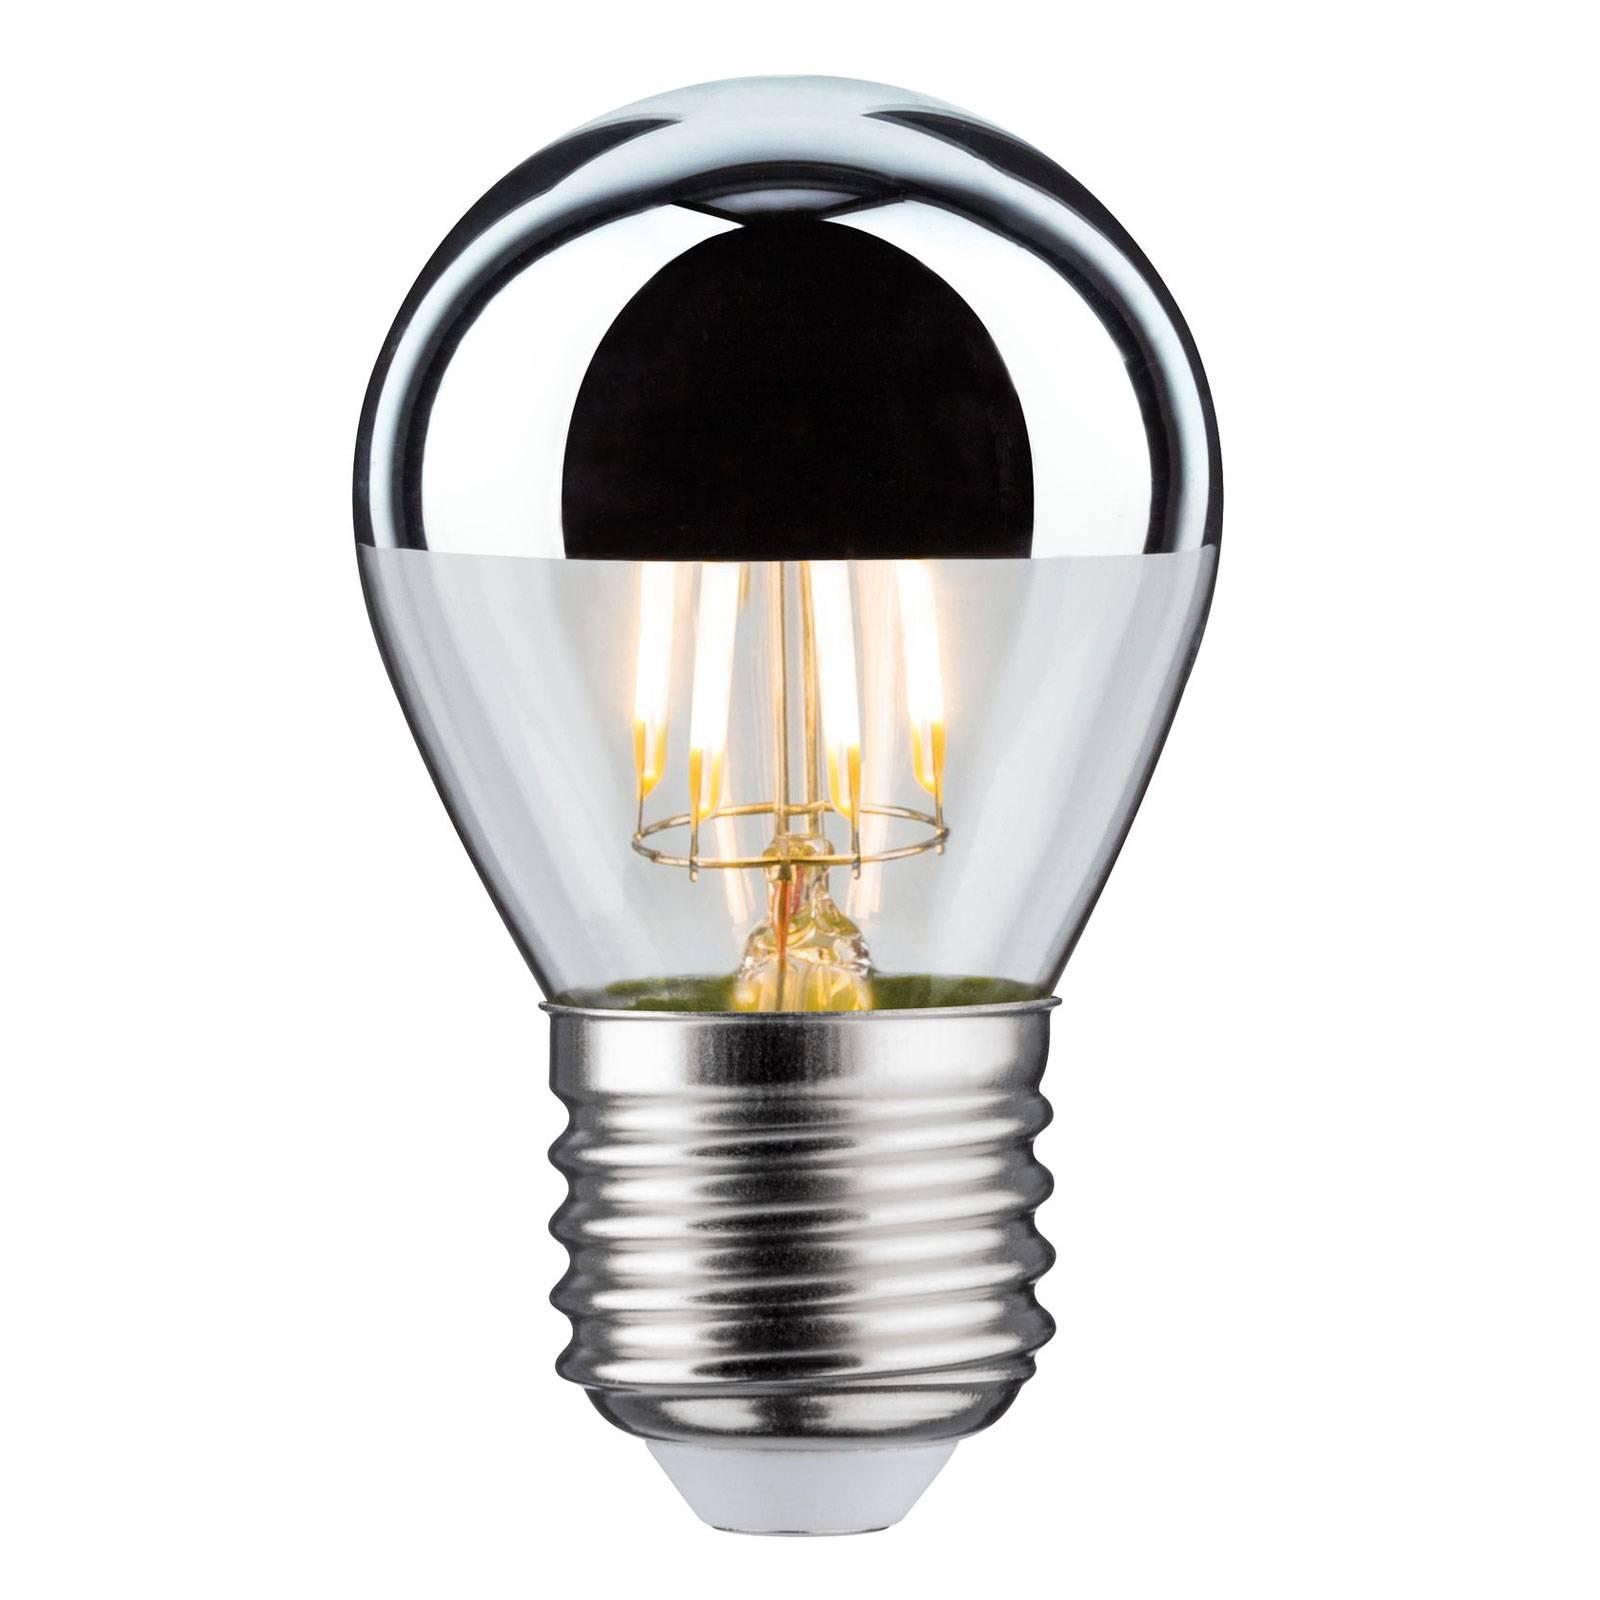 LED-lamppu E27 pisara 827 pääpeili 4,8W himmennys